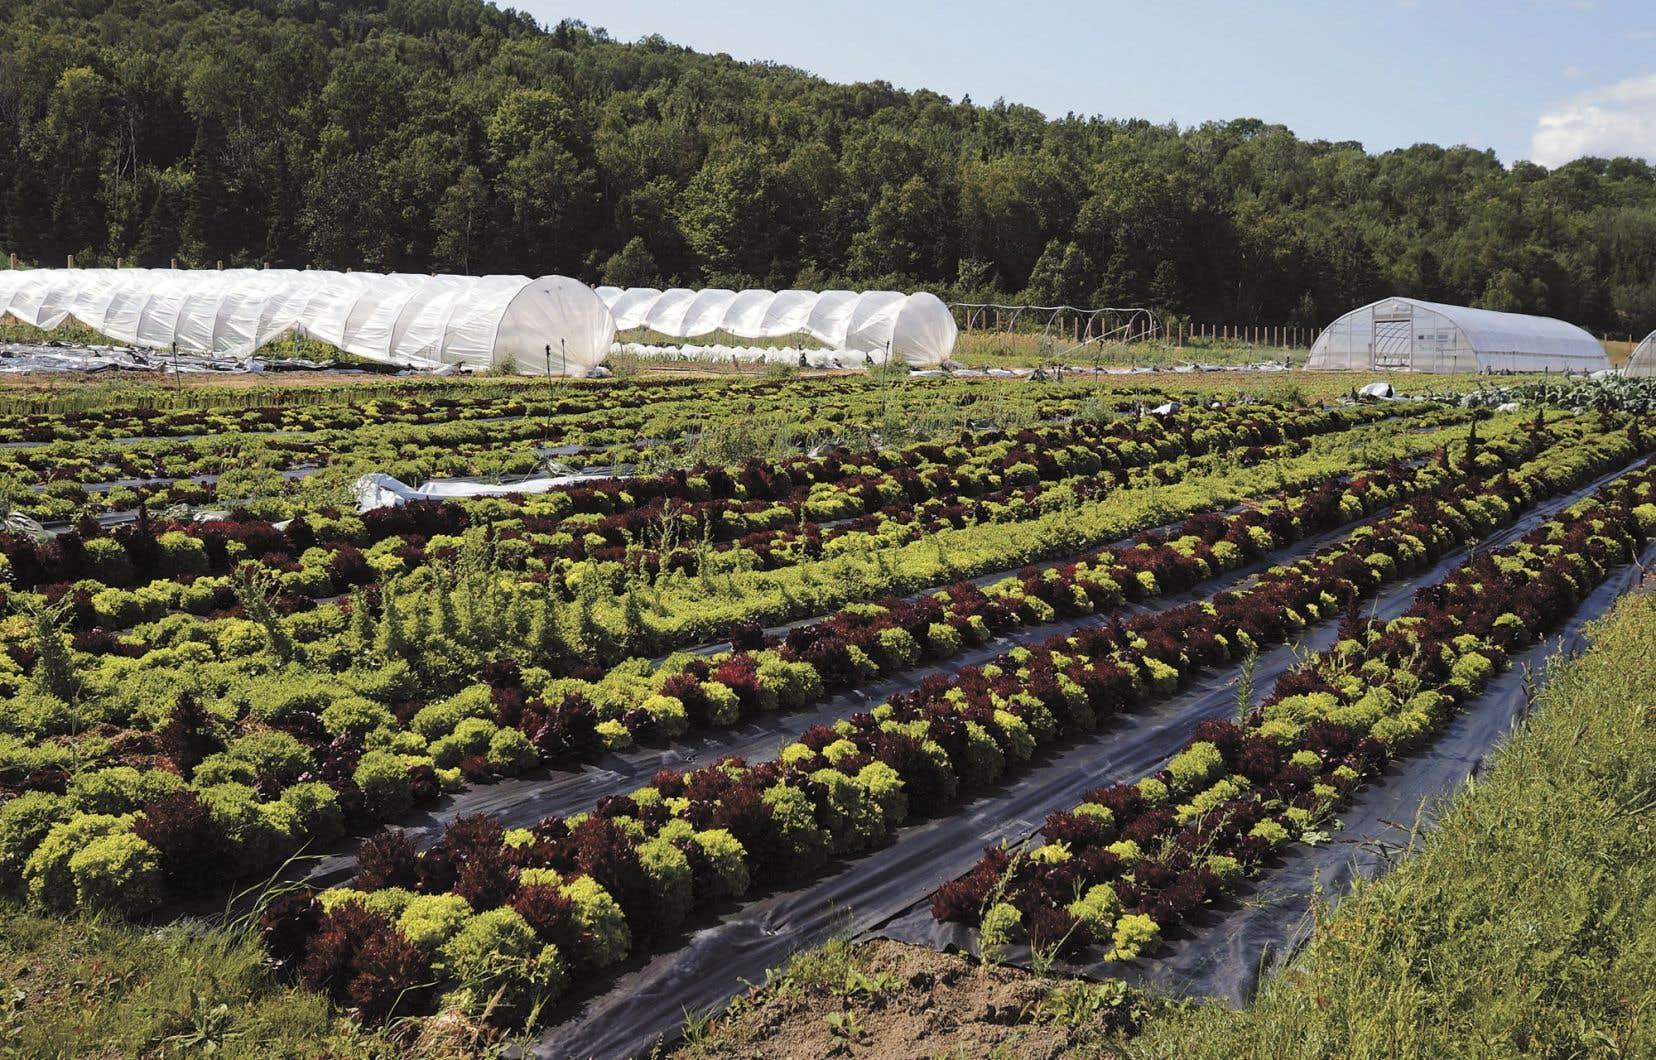 Dans l'industrie agricole, il y a certainement un mouvement qui pousse de plus en plus d'agriculteurs à réfléchir à l'avenir de l'alimentation et à faire des gestes concrets afin de freiner les dégâts de la production massive de monocultures.